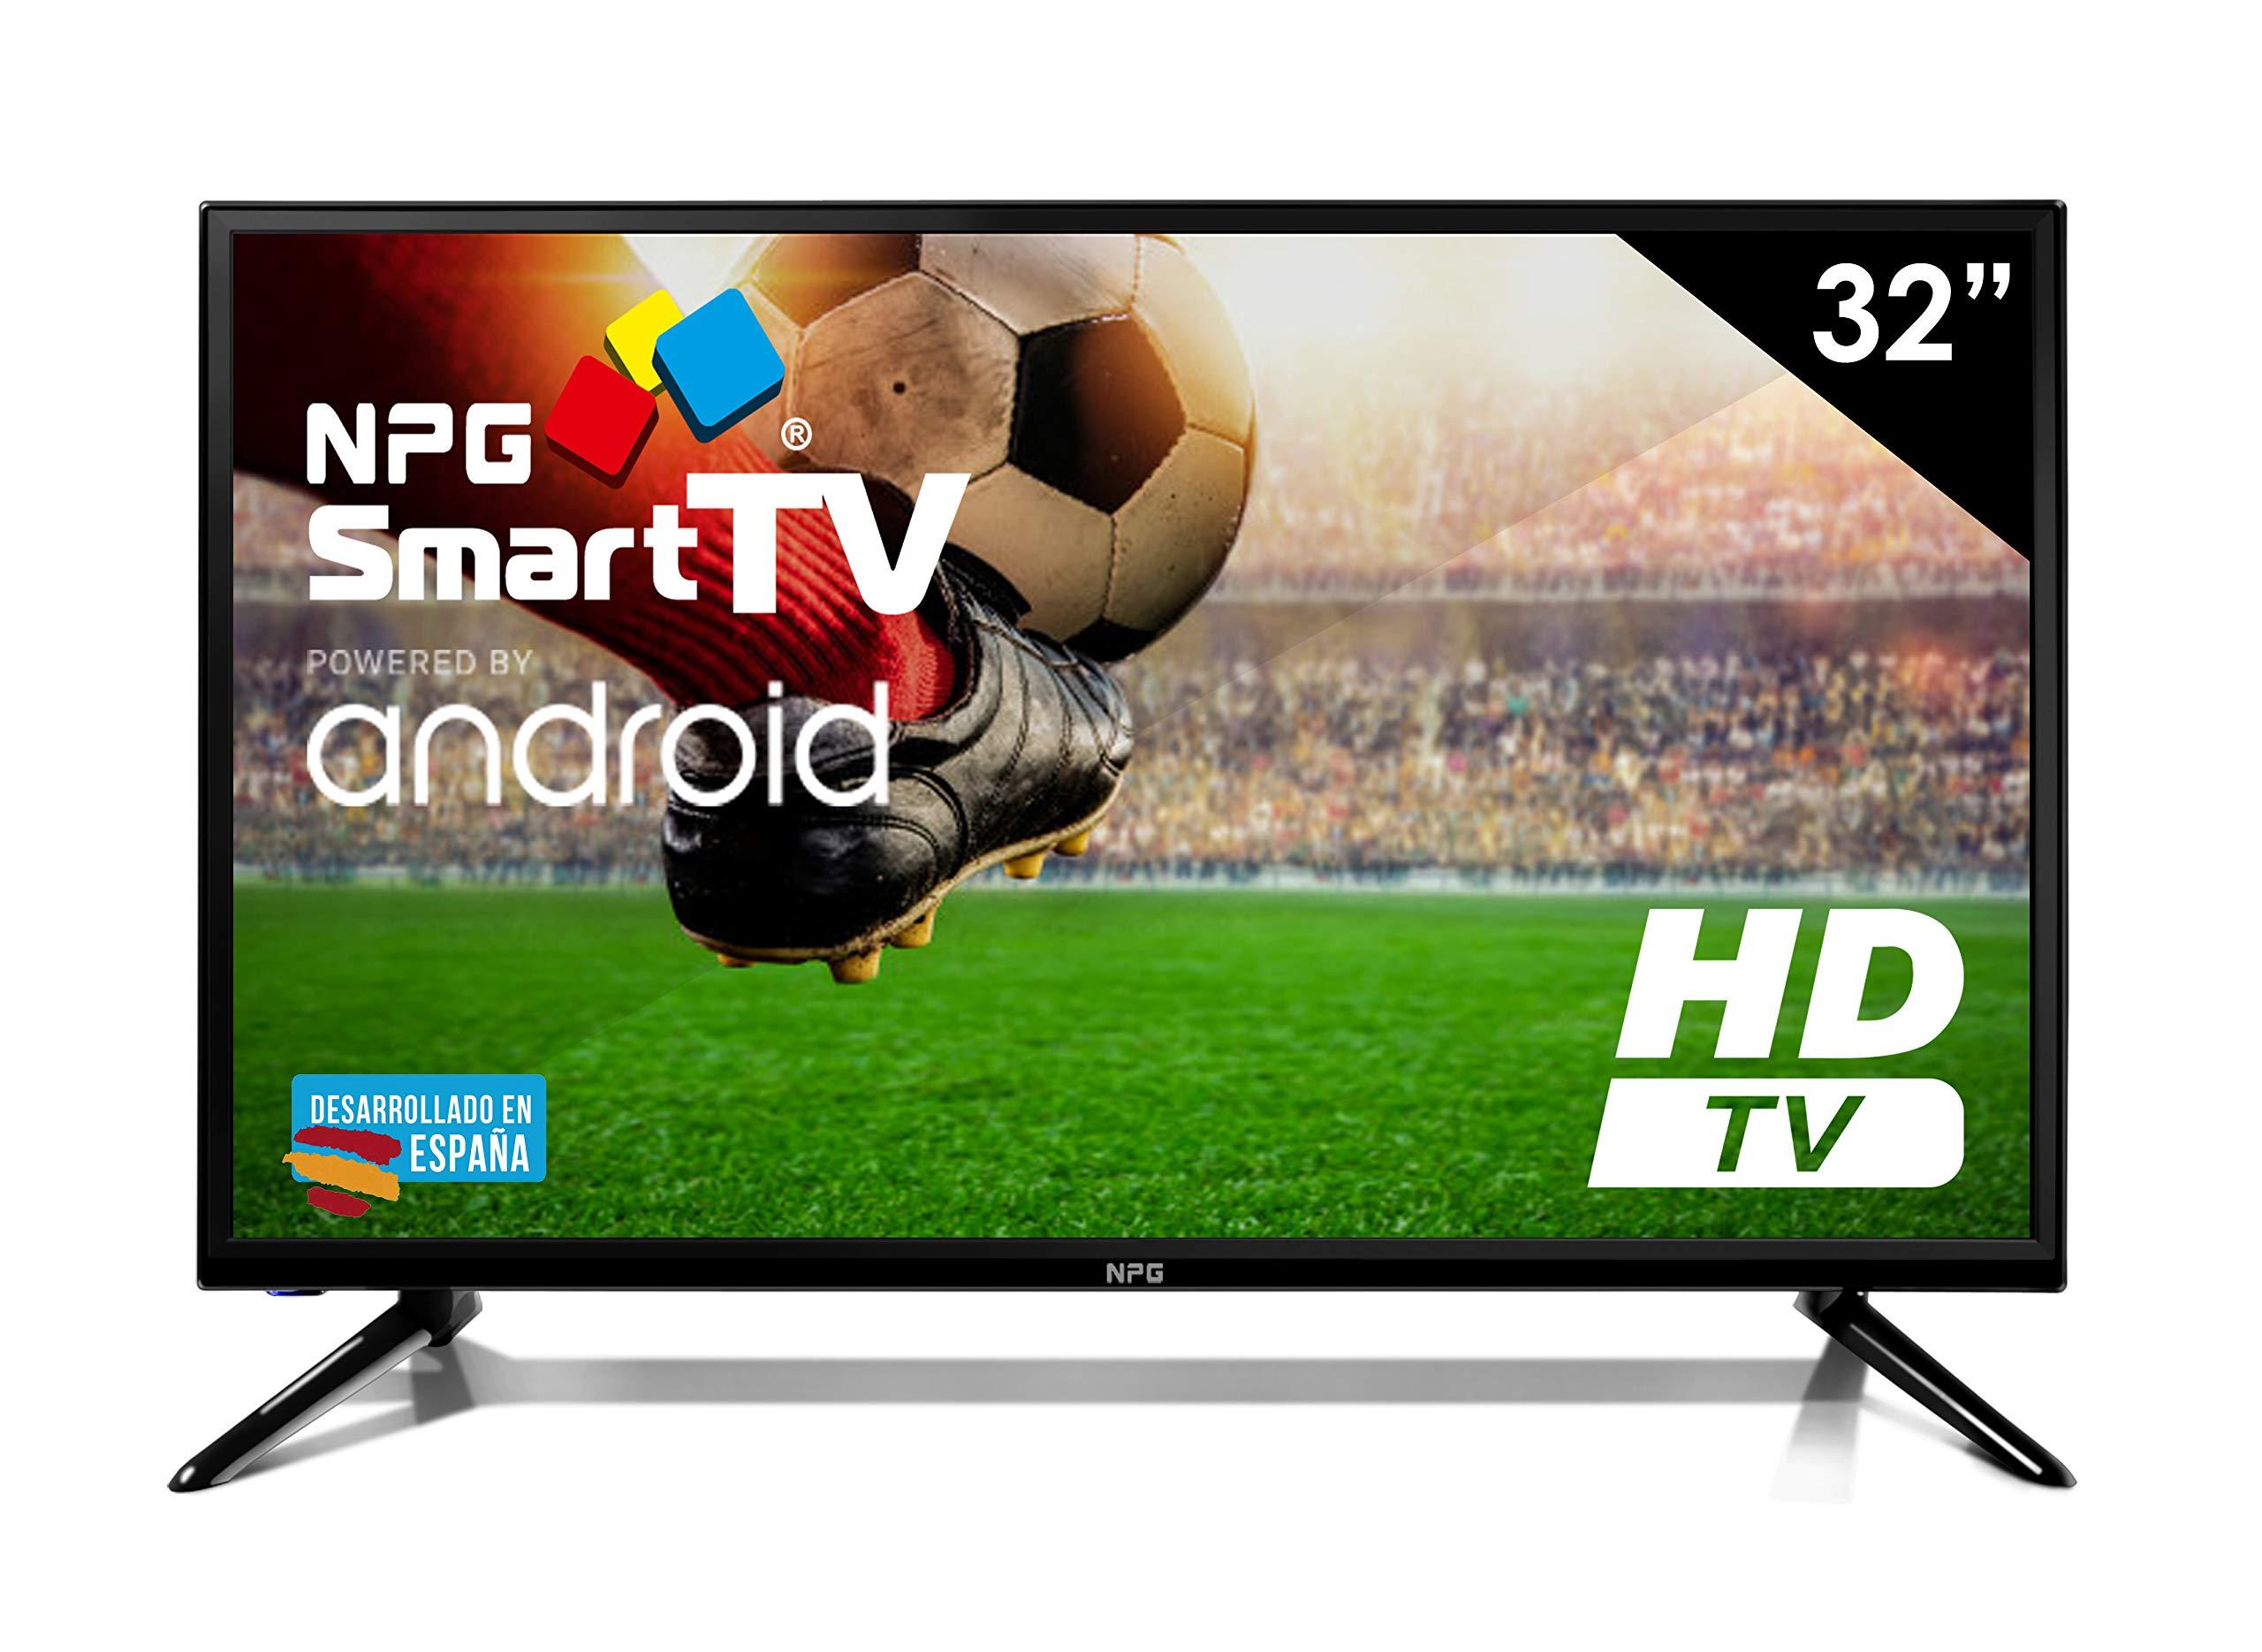 Televisor LED NPG Smart TV Android TDT2 H.265 WiFi Bluetooth USB Grabador (32